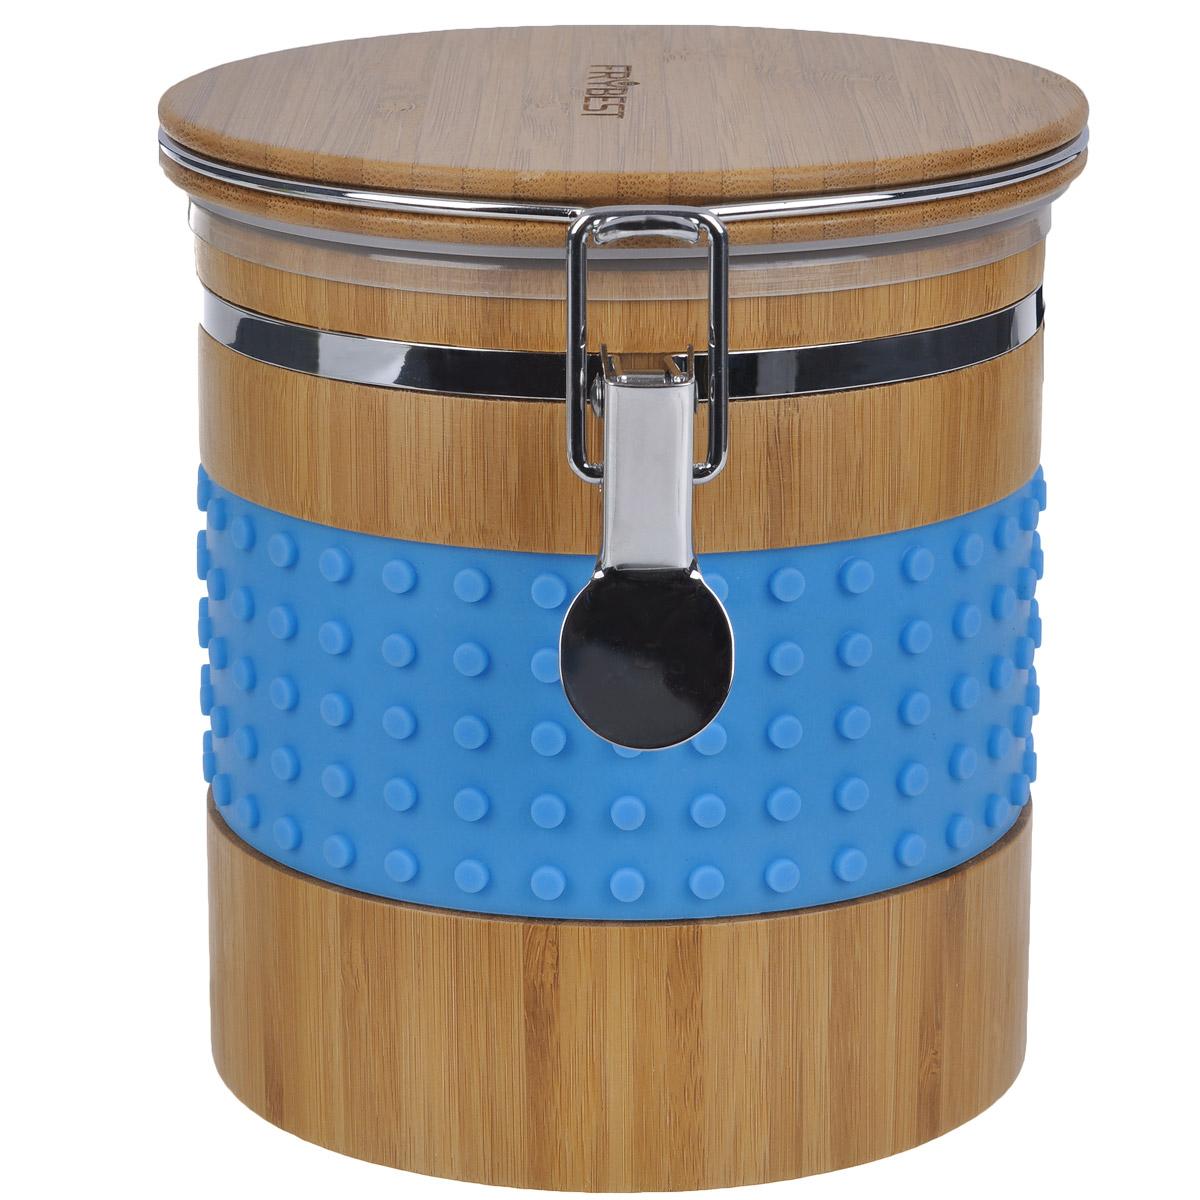 Контейнер бамбуковый Murmure de Bambou, с силиконовыми вставками, цвет: голубой, 13,6 x 17,2 x 14,8 смCA19315B1N1Контейнер великолепно подходит для хранения сухих и сыпучих продуктов. Элегантная комбинация высококачественных материалов (бамбука и силикона) обеспечивает долговечность и практичность контейнера. Бамбук - натуральный природный материал, обладающий антибактериальным эффектом. Яркий и стильный дизайн изделия станет украшением вашей кухни.